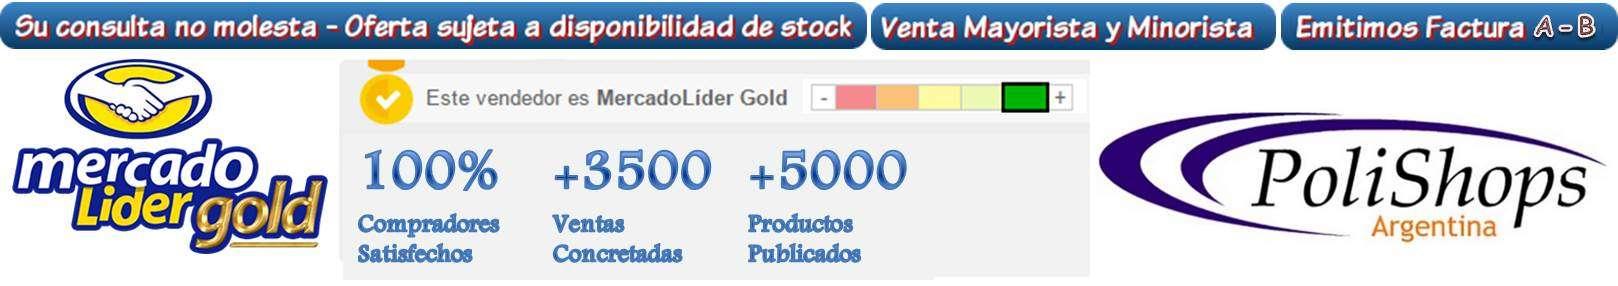 SU CONSULTA NO MOLESTA - OFERTA SUJETA A DISPONIBILIDAD DE STOCK